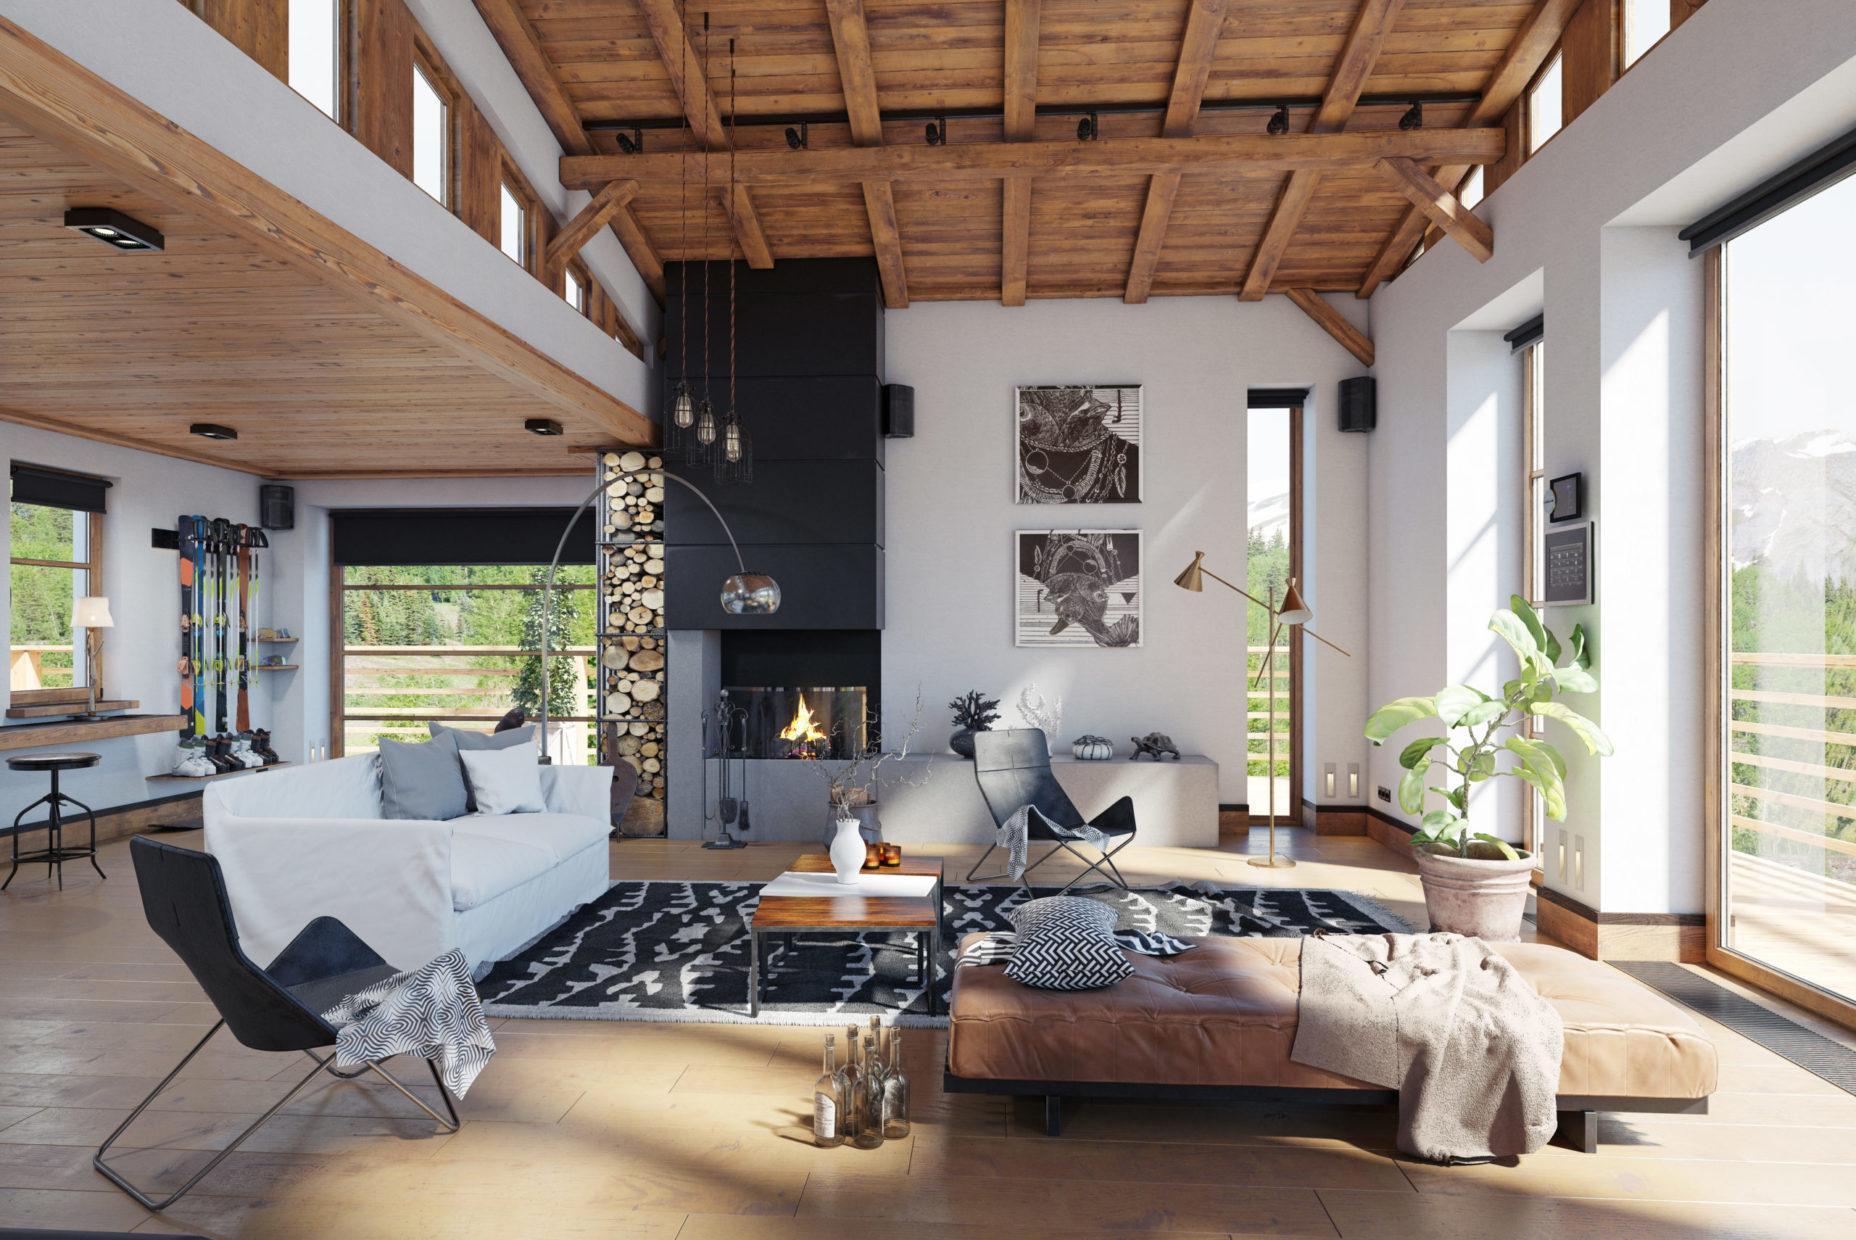 Archtektur, Immobilien, Immobilienfotos, Immobilienfotografie, Interior, Immobilienfotograf, Immobilien Fotos